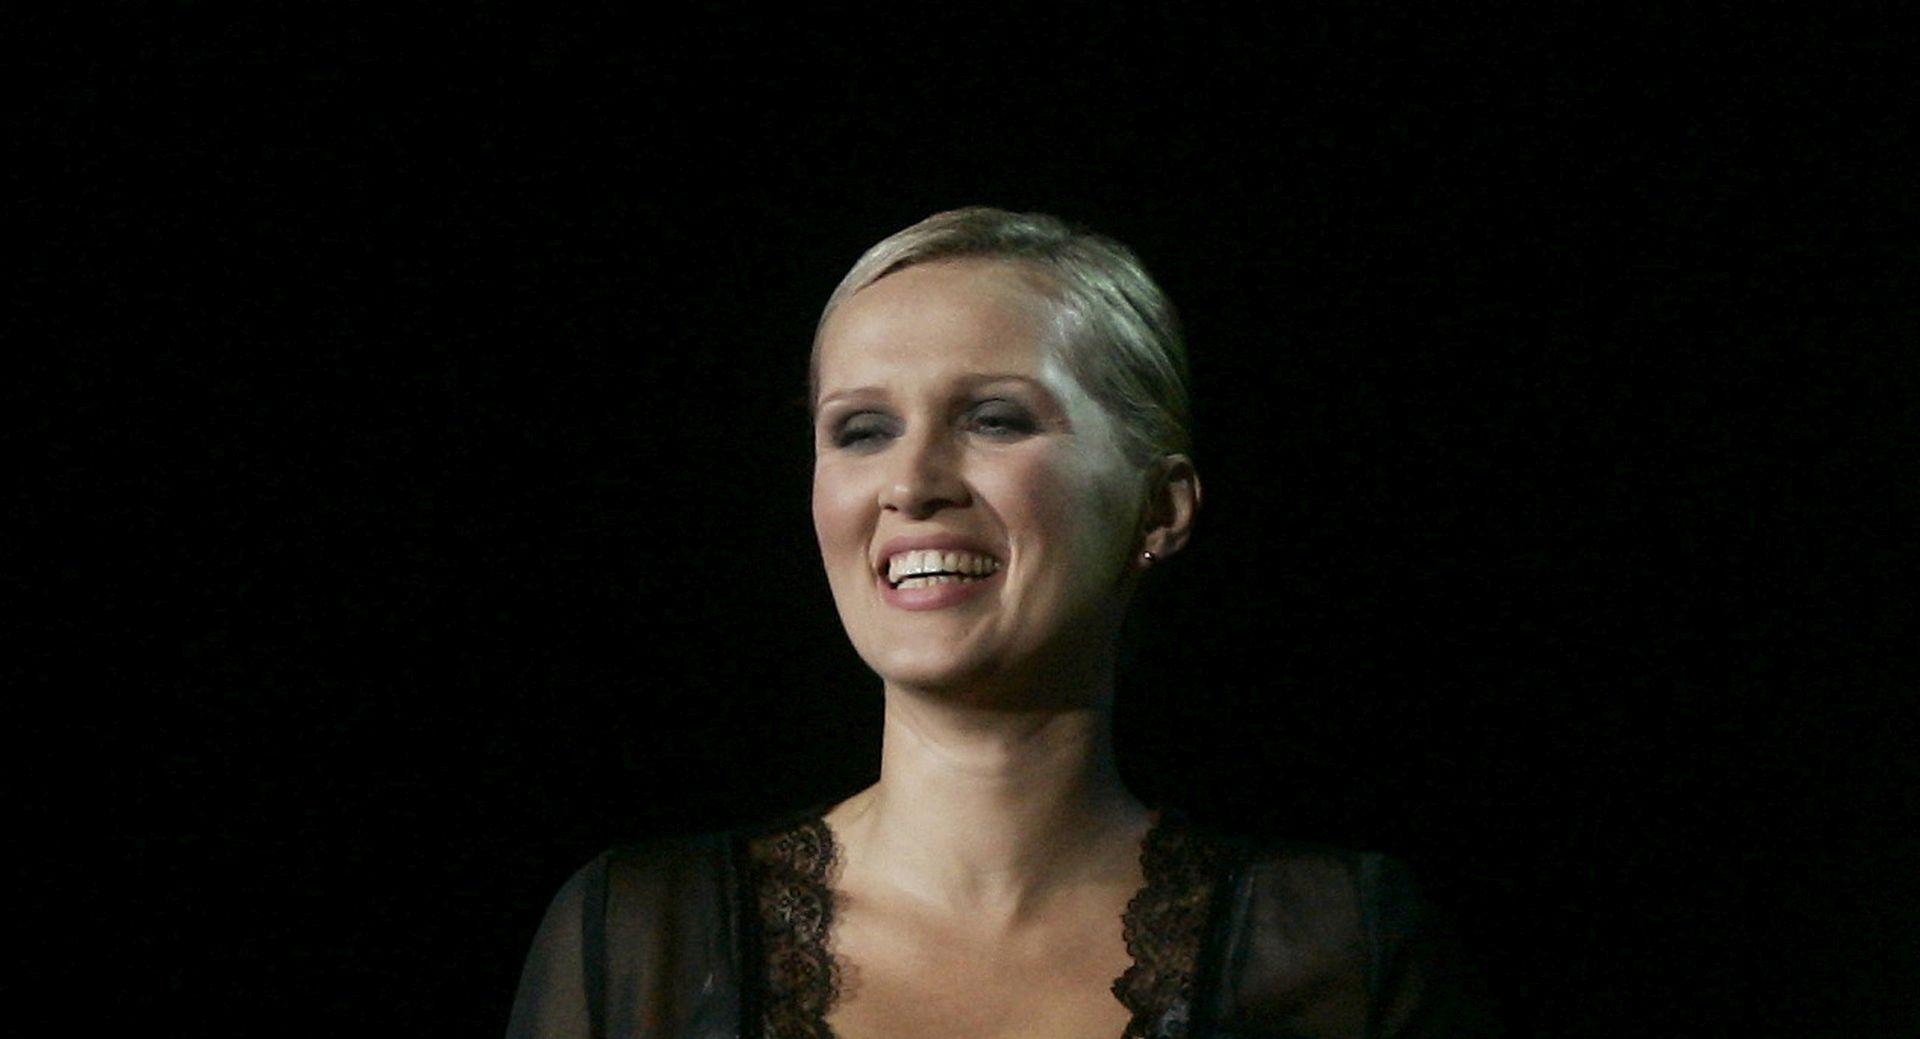 ZBOG JEDRENJAKA Vanna otkazala koncert u Tivtu